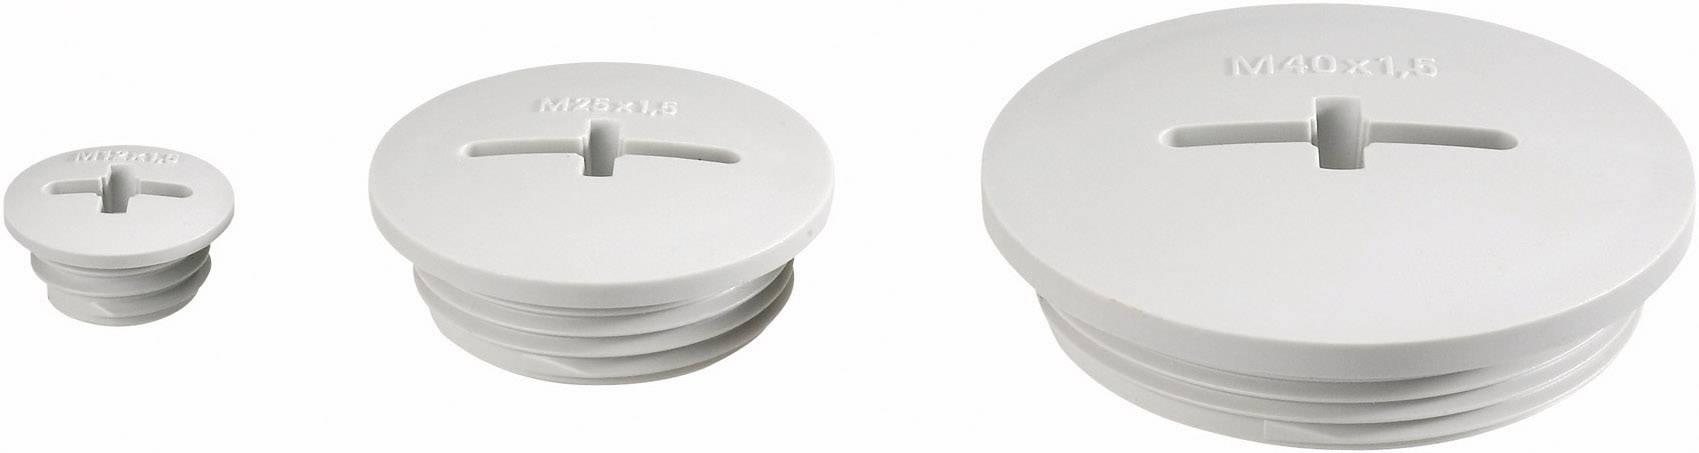 Záslepka LappKabel BLK-M16 (52006610), IP54, M16, polystyrol, světle šedá (RAL 7035)